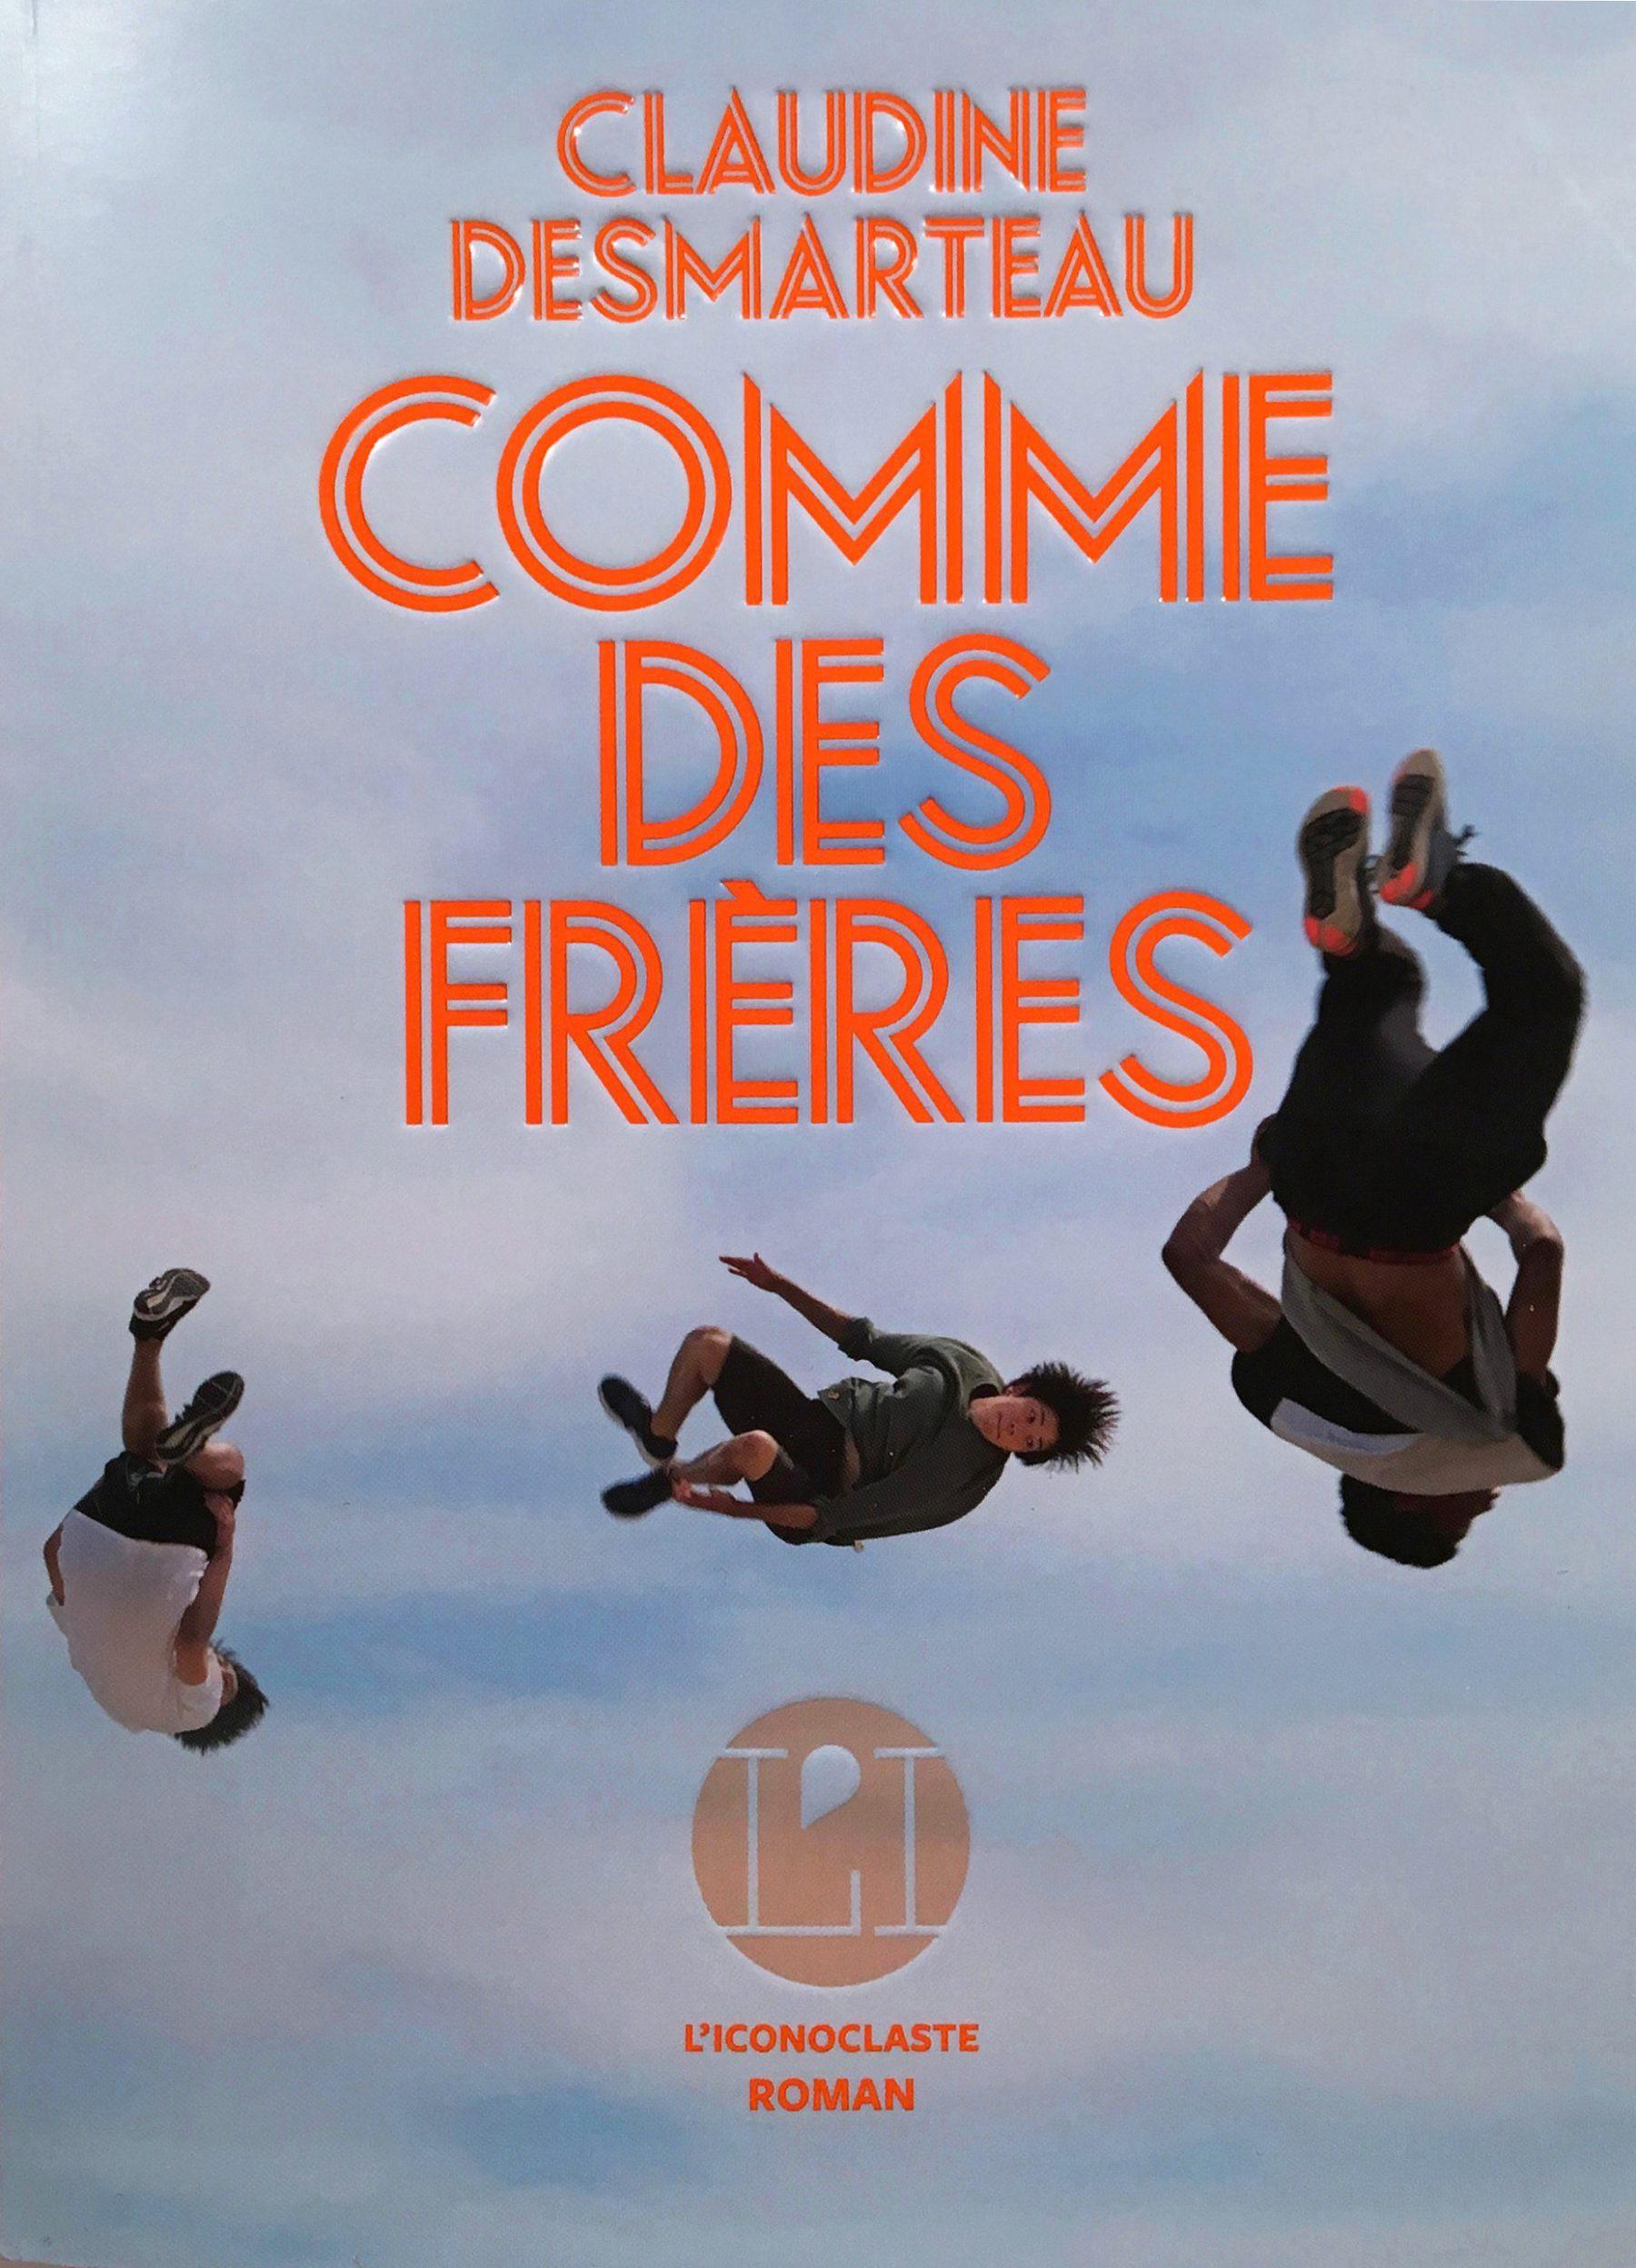 Comme-des-frères-Claudine-Desmarteau-L'iconoclaste-2020.-